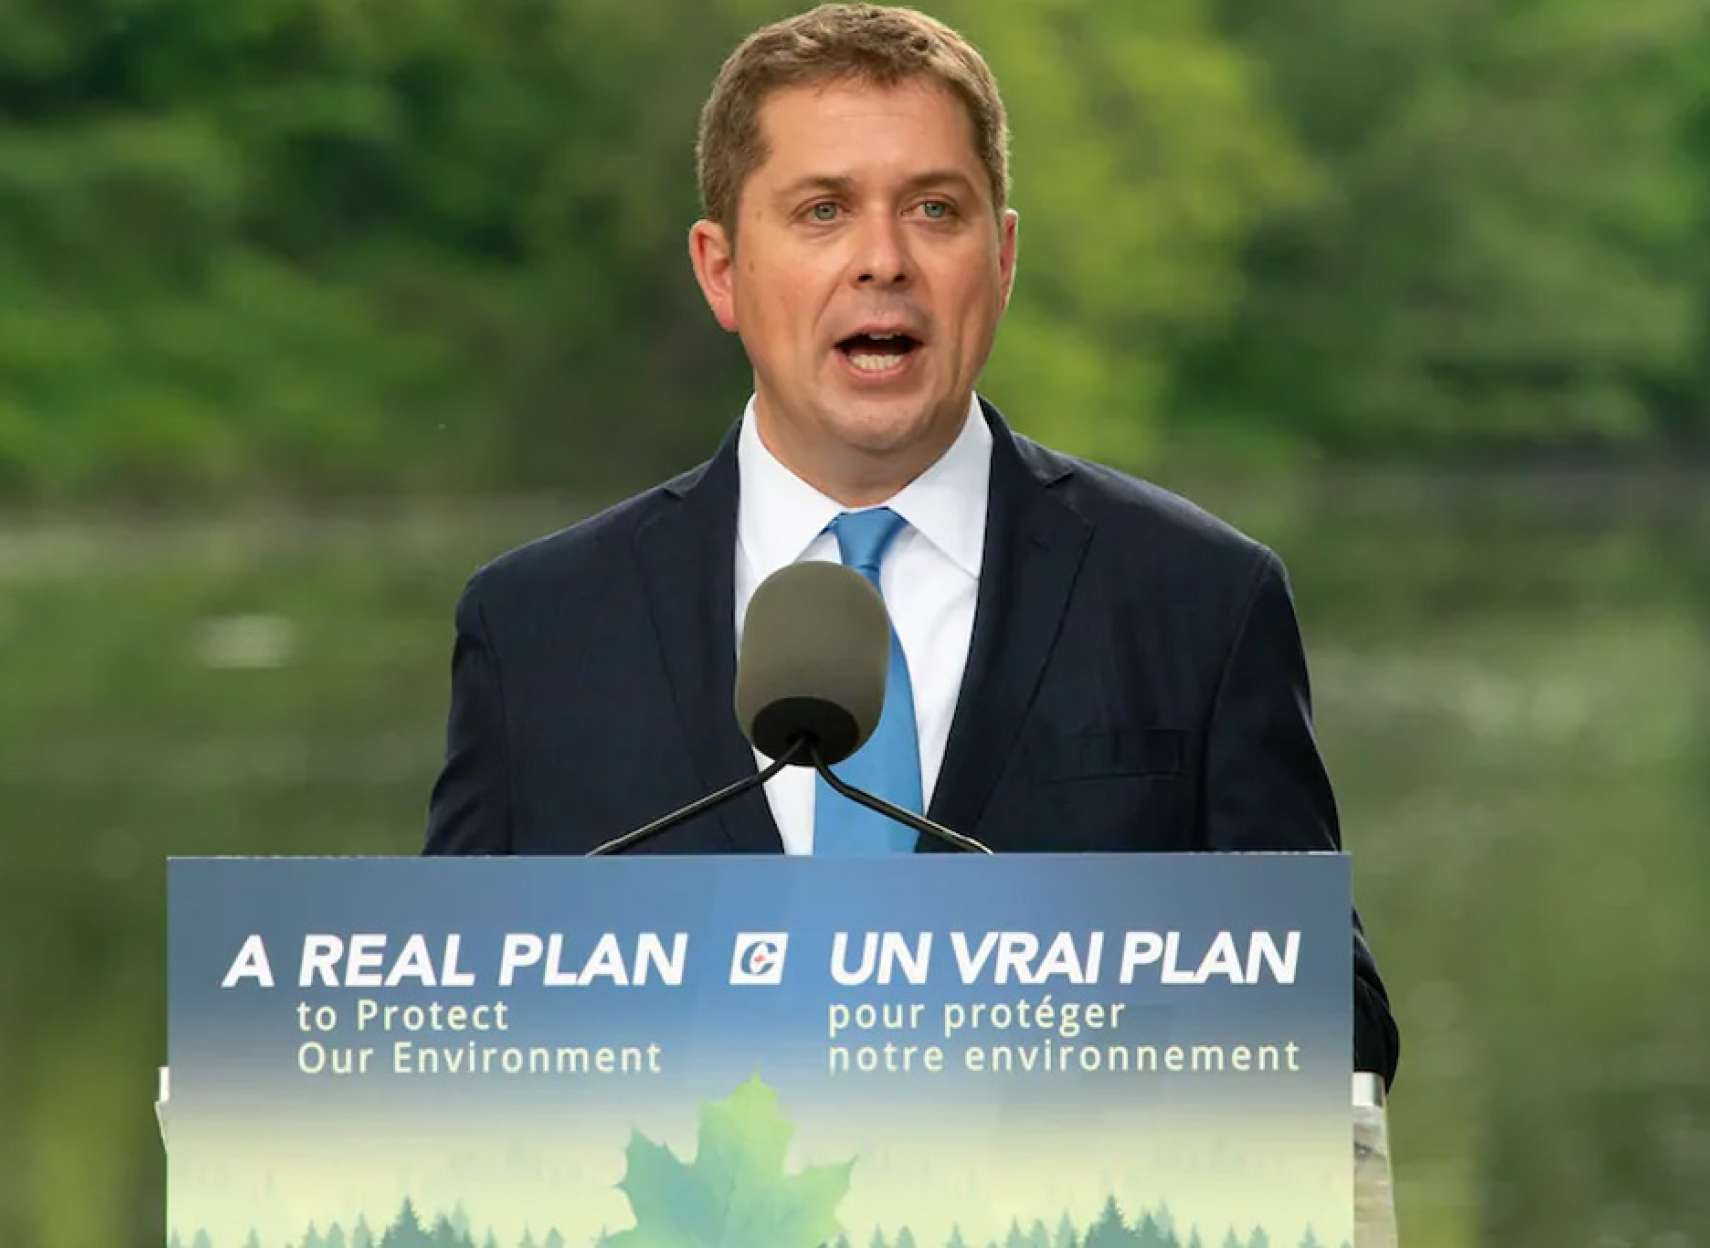 اعلان-طرح-محیط-زیست-محافظهکاران-کانادا-برای-انتخابات-آینده-کانادا-اخبار